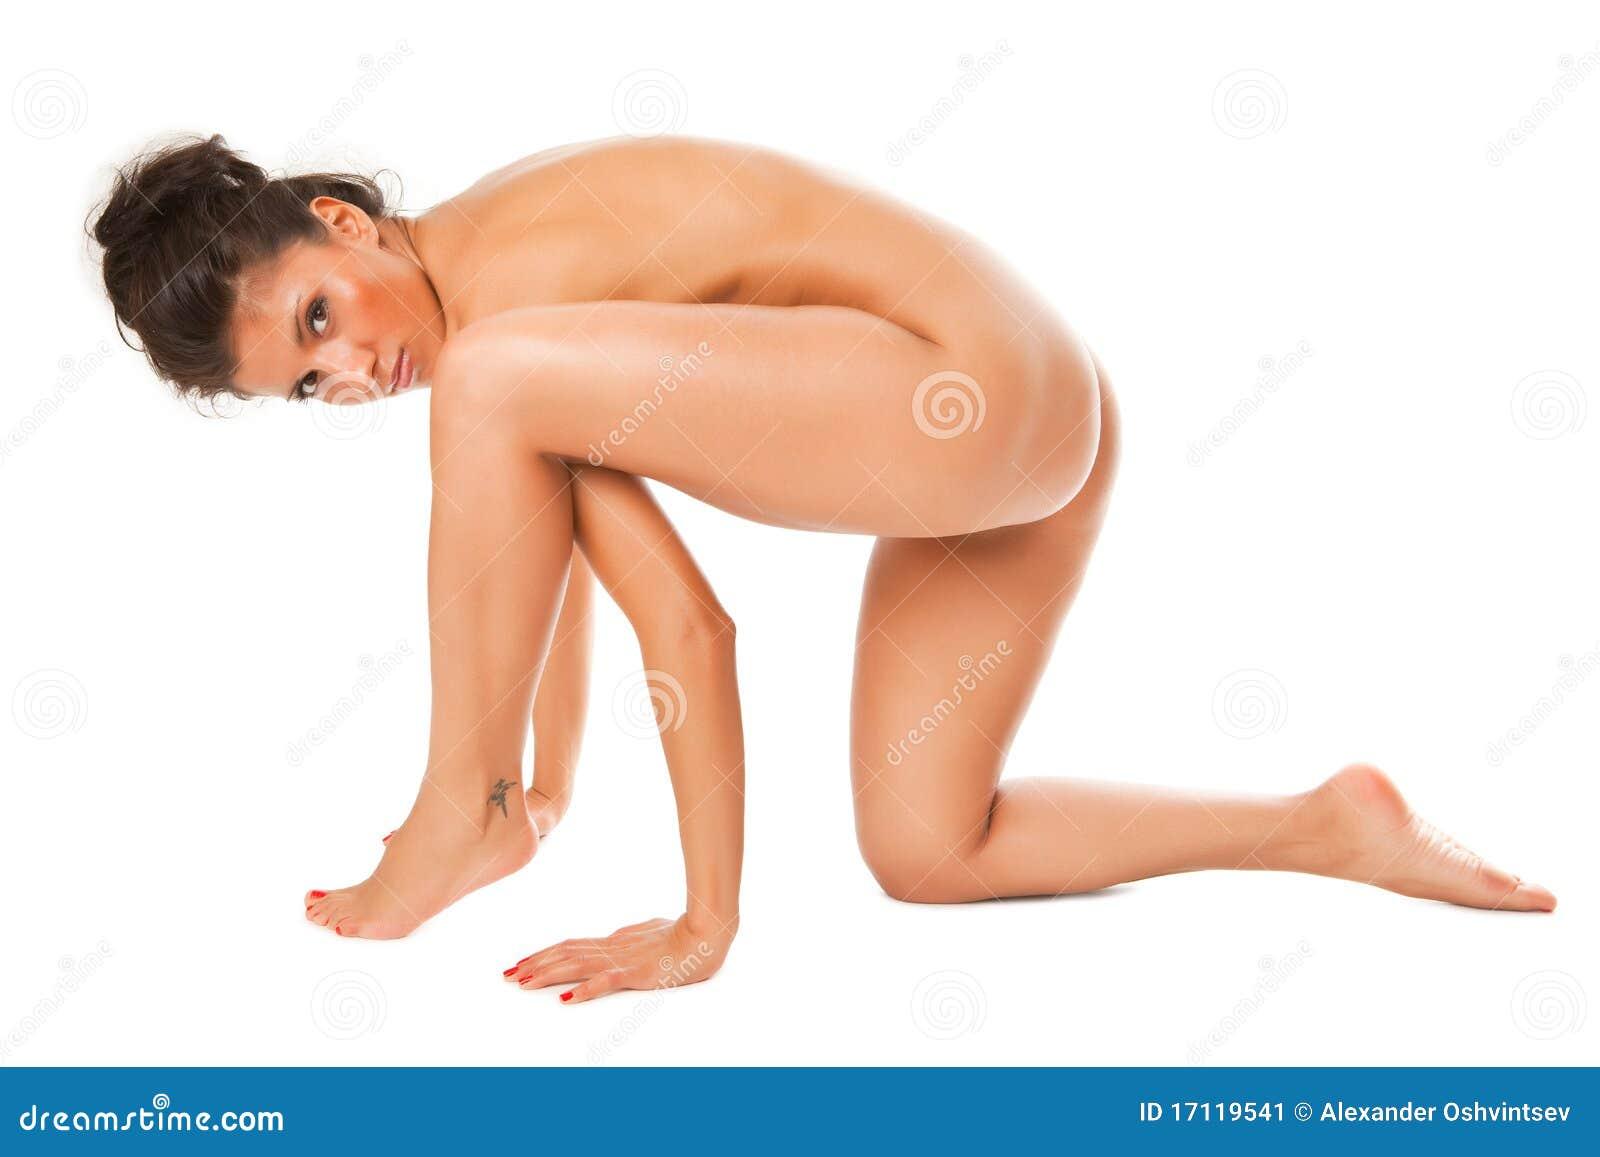 Naked brunette long hair sunbathing pussy ass 4